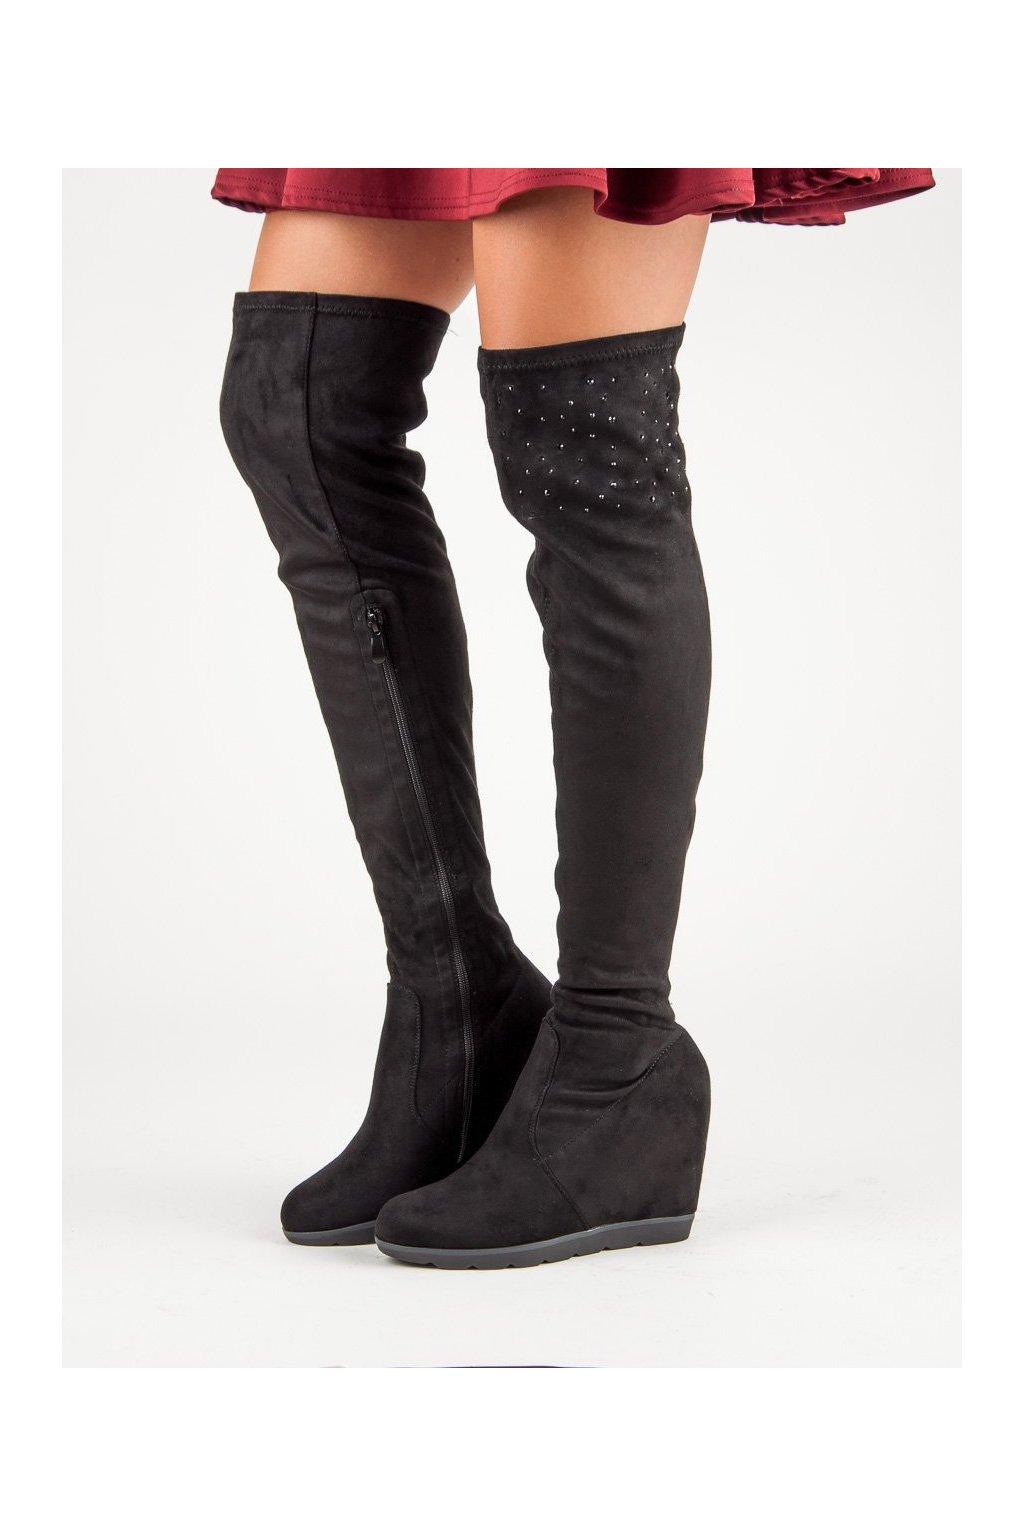 Čierne čižmy nad koleno vysoké mušketierky Kayla